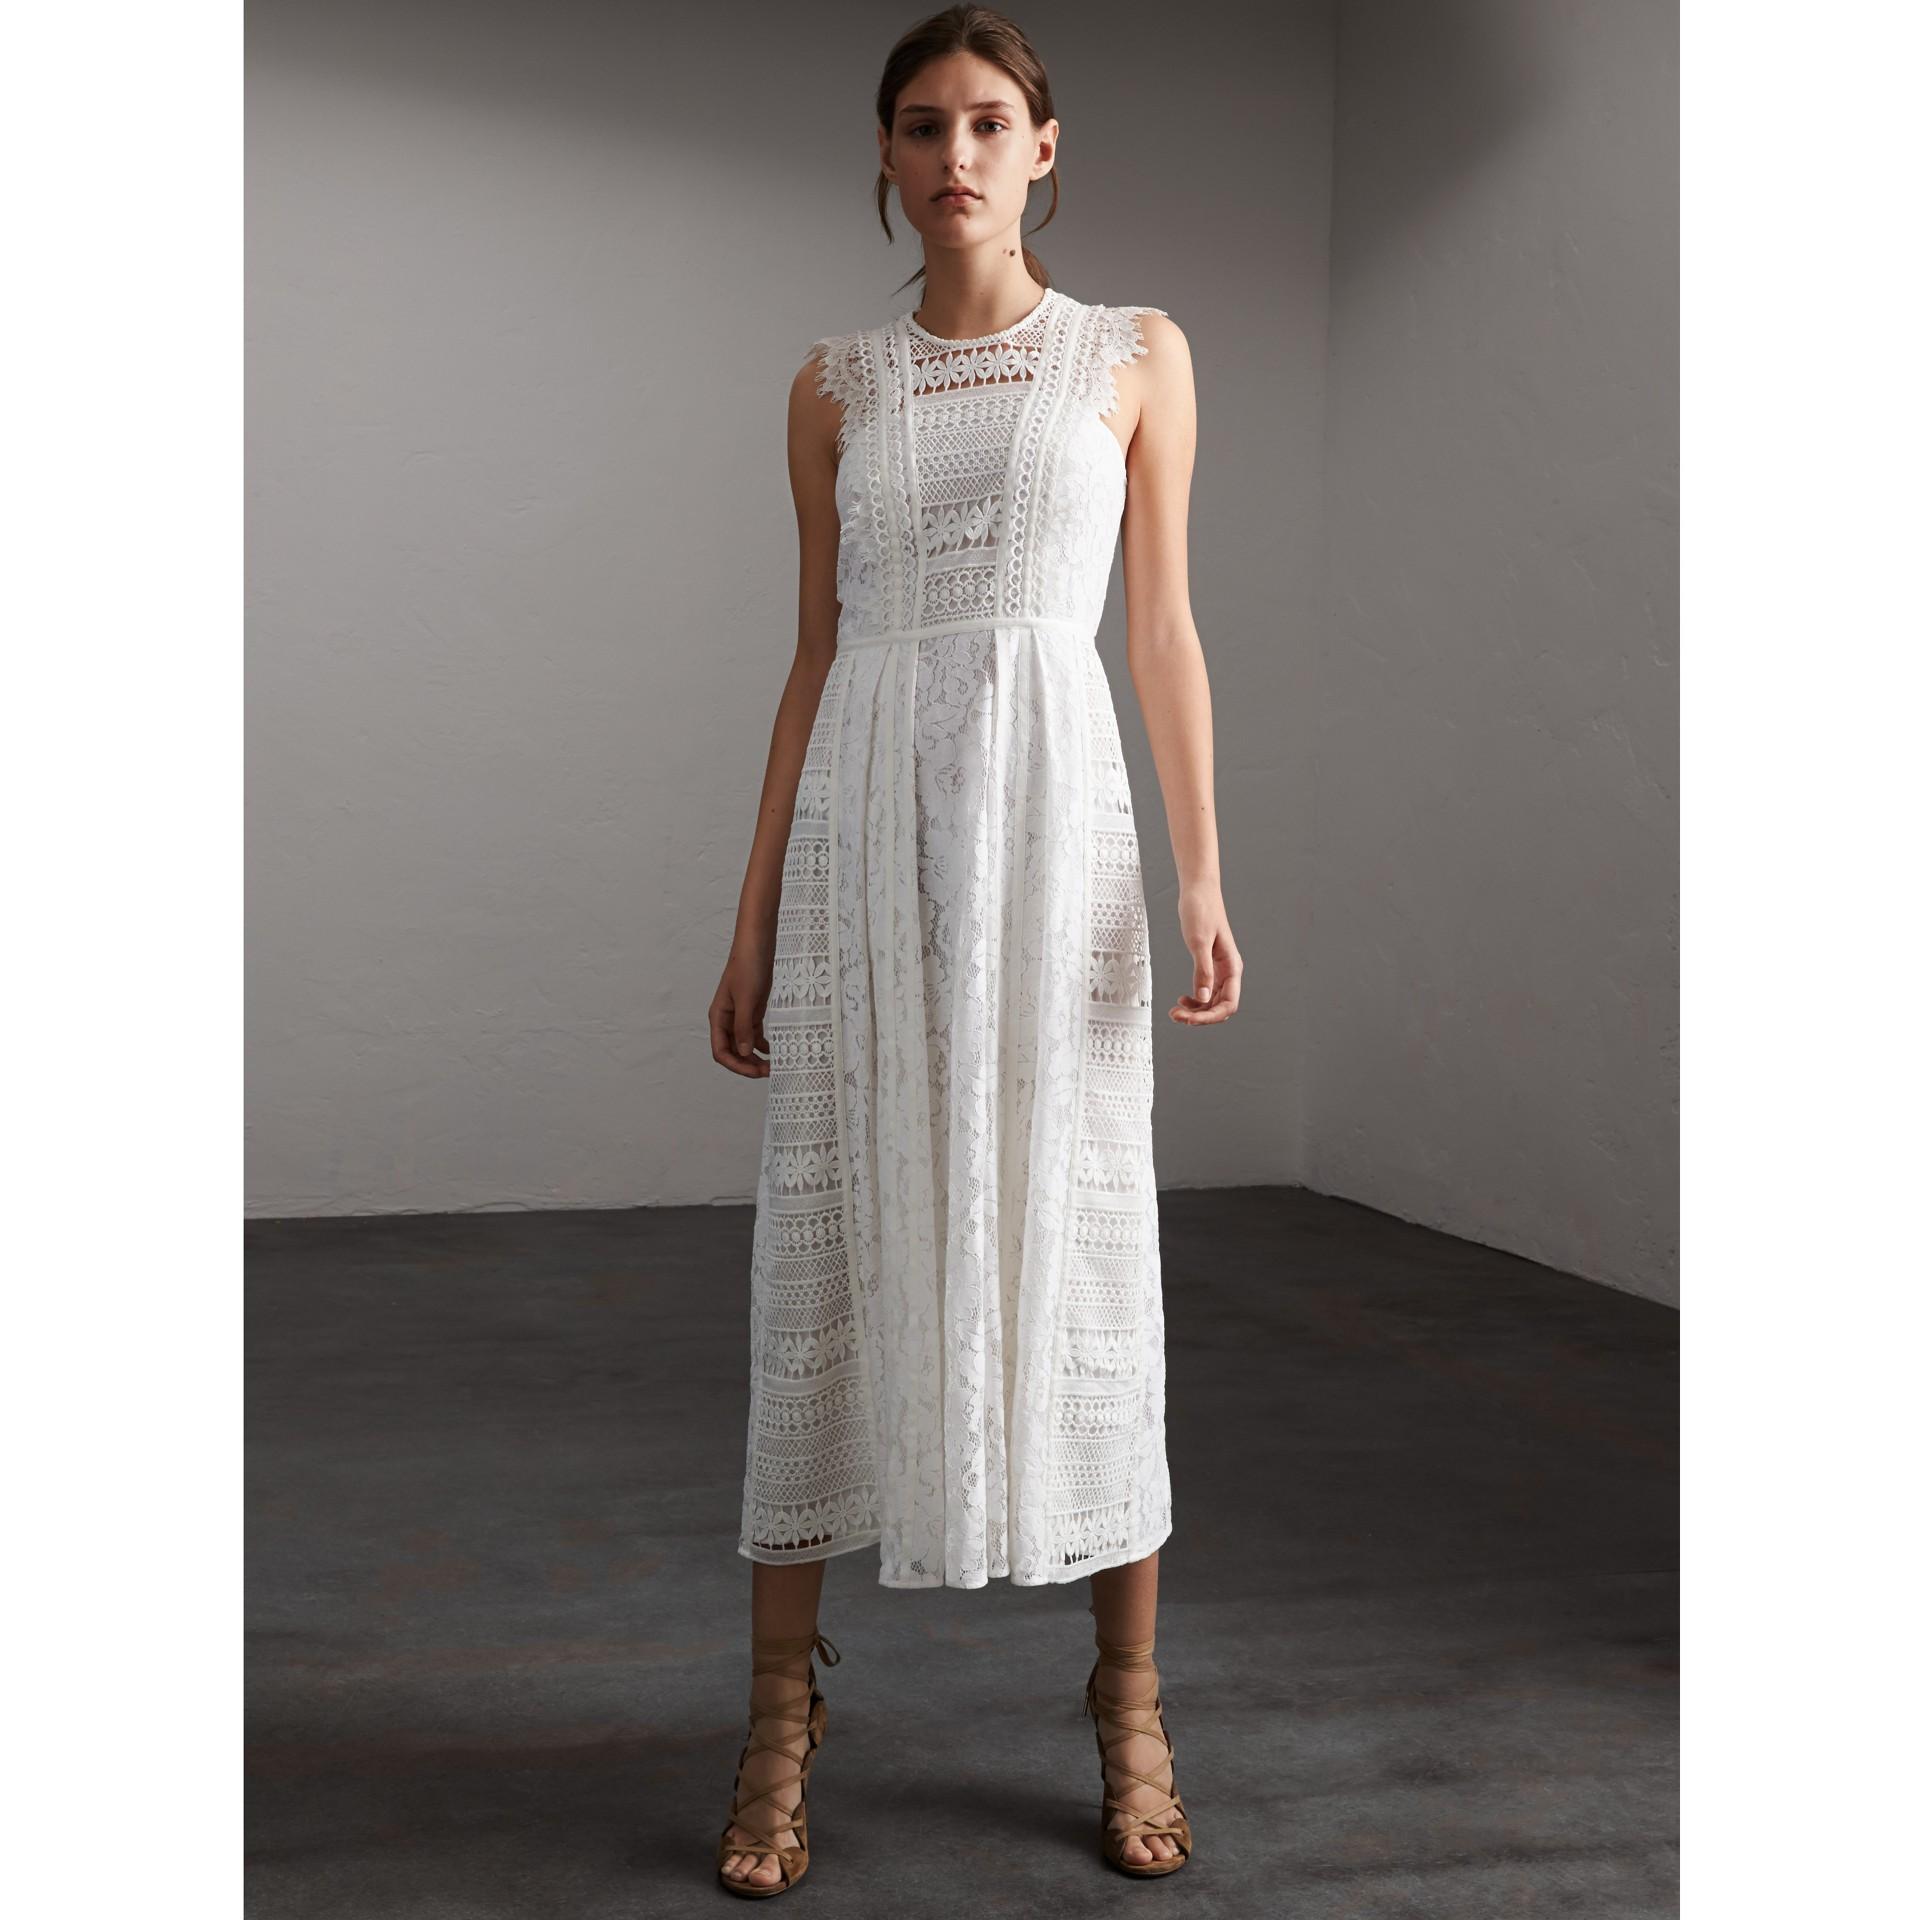 スリーブレス マクラメレース ドレス - ウィメンズ | バーバリー - ギャラリーイメージ 1